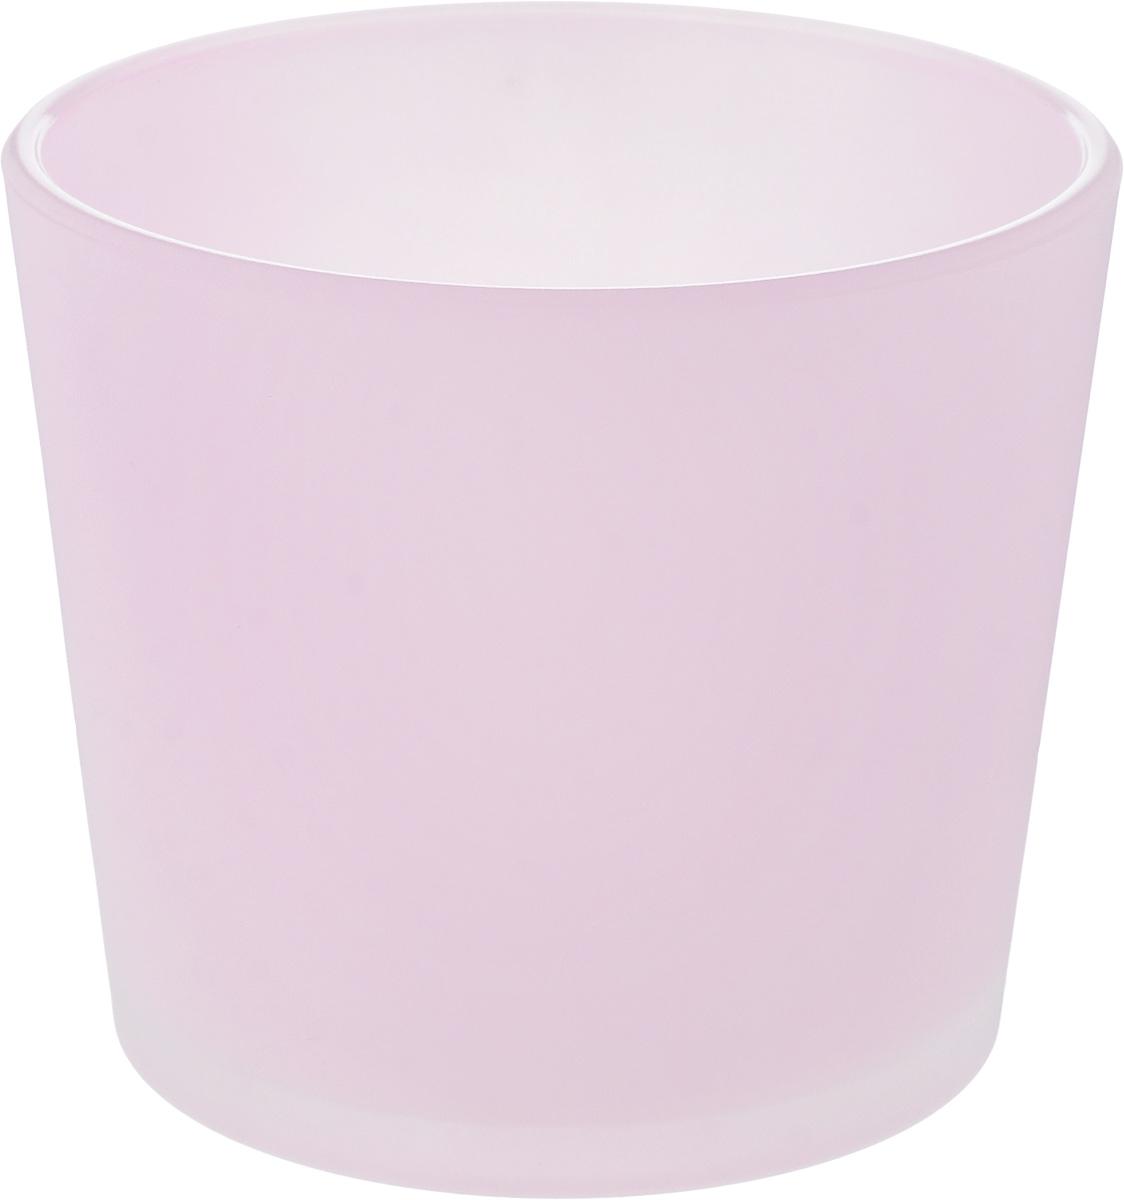 Кашпо NiNaGlass, цвет: розовый, высота 12,5 смМ 3164Кашпо NiNaGlass имеет уникальную форму, сочетающуюся как с классическим, так и с современным дизайном интерьера. Оно изготовлено из высококачественного стекла и предназначено для выращивания растений, цветов и трав в домашних условиях. Кашпо NiNaGlass порадует вас функциональностью, а благодаря лаконичному дизайну впишется в любой интерьер помещения. Диаметр кашпо (по верхнему краю): 14,5 см.Высота кашпо: 12,5 см.